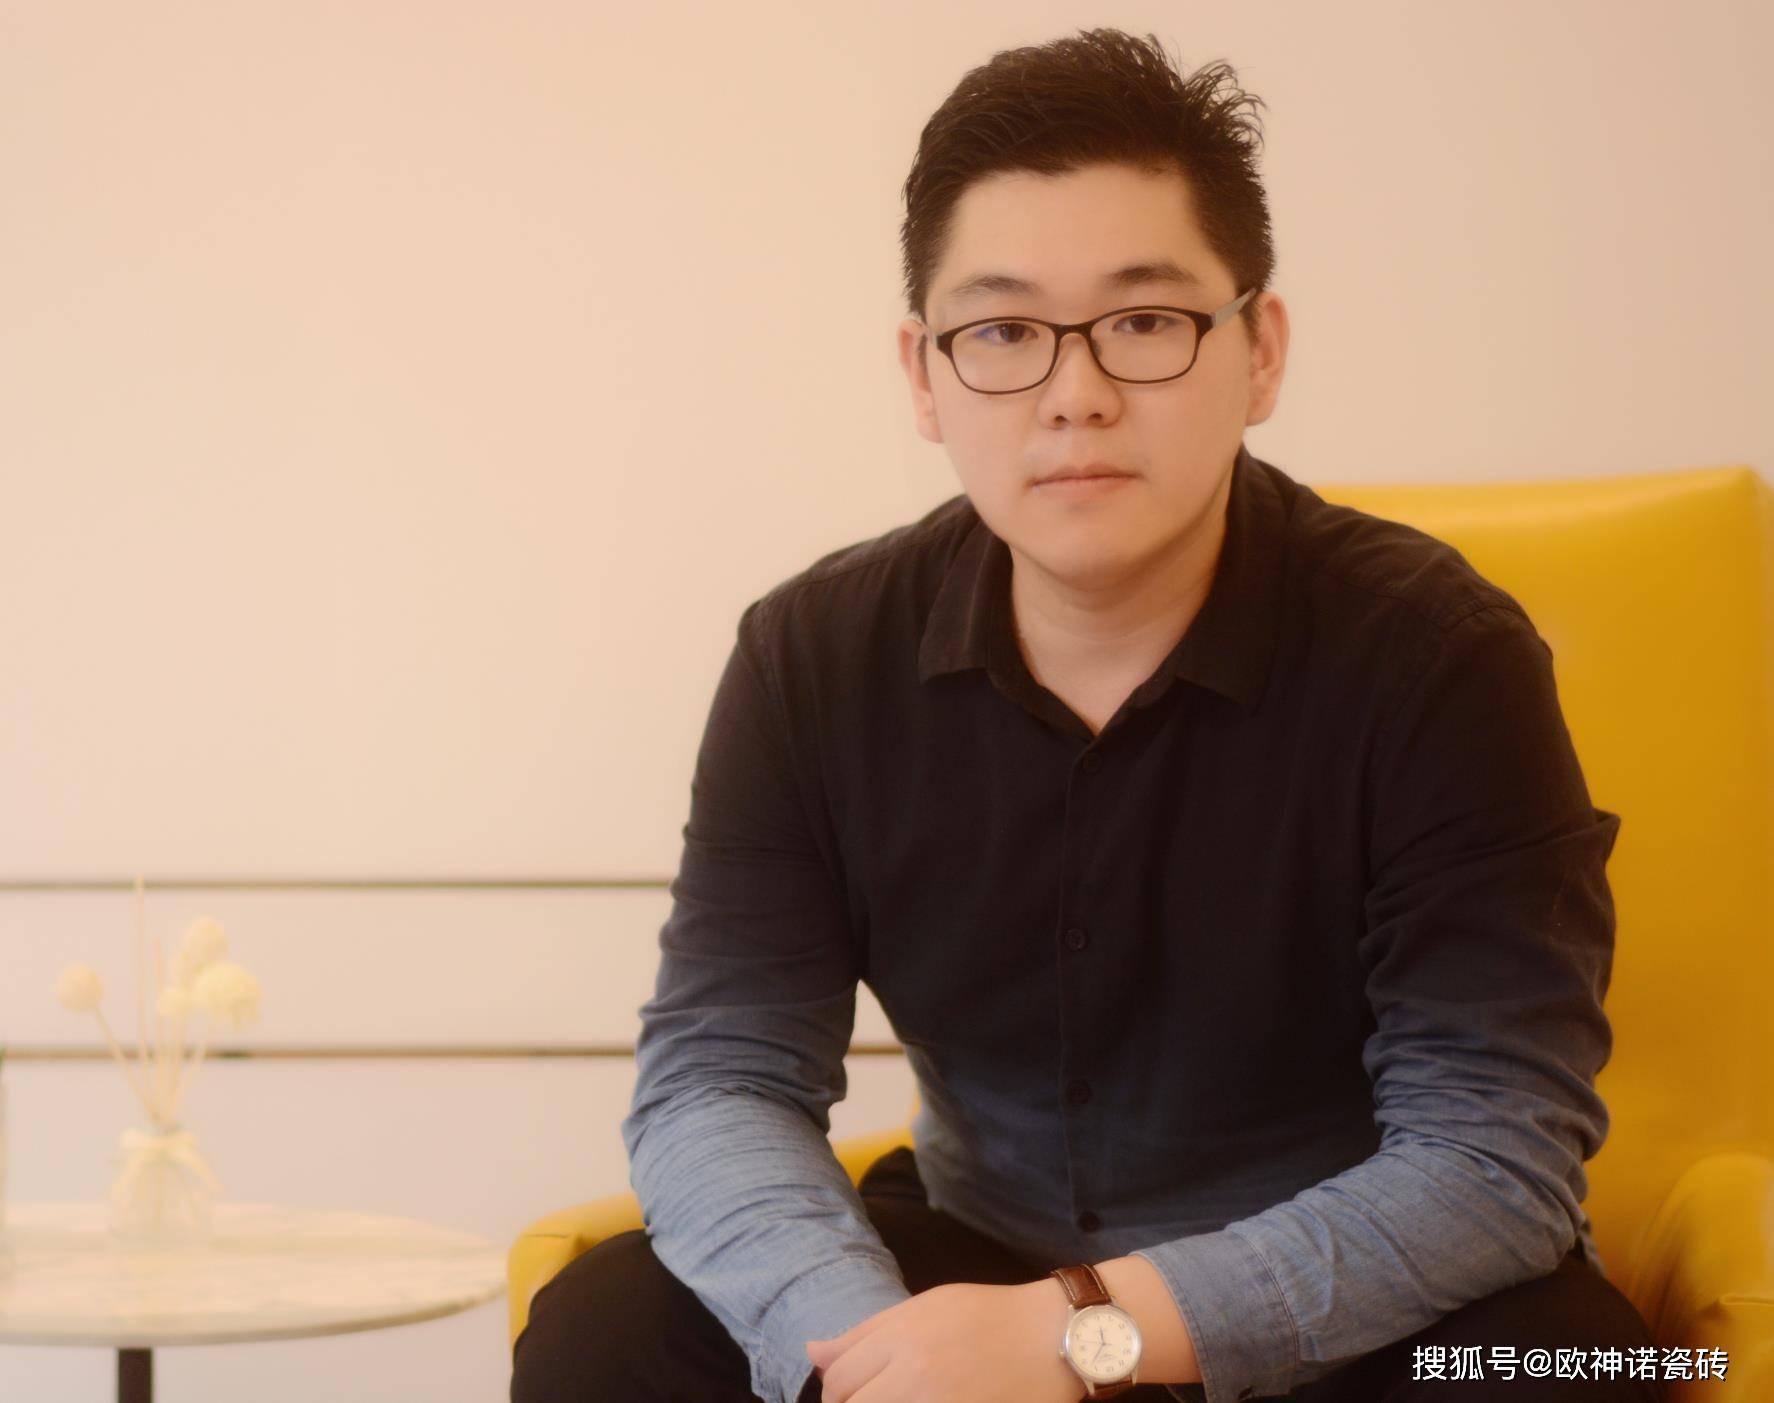 皇冠体育app:设计师张宇:用设计传递情感...